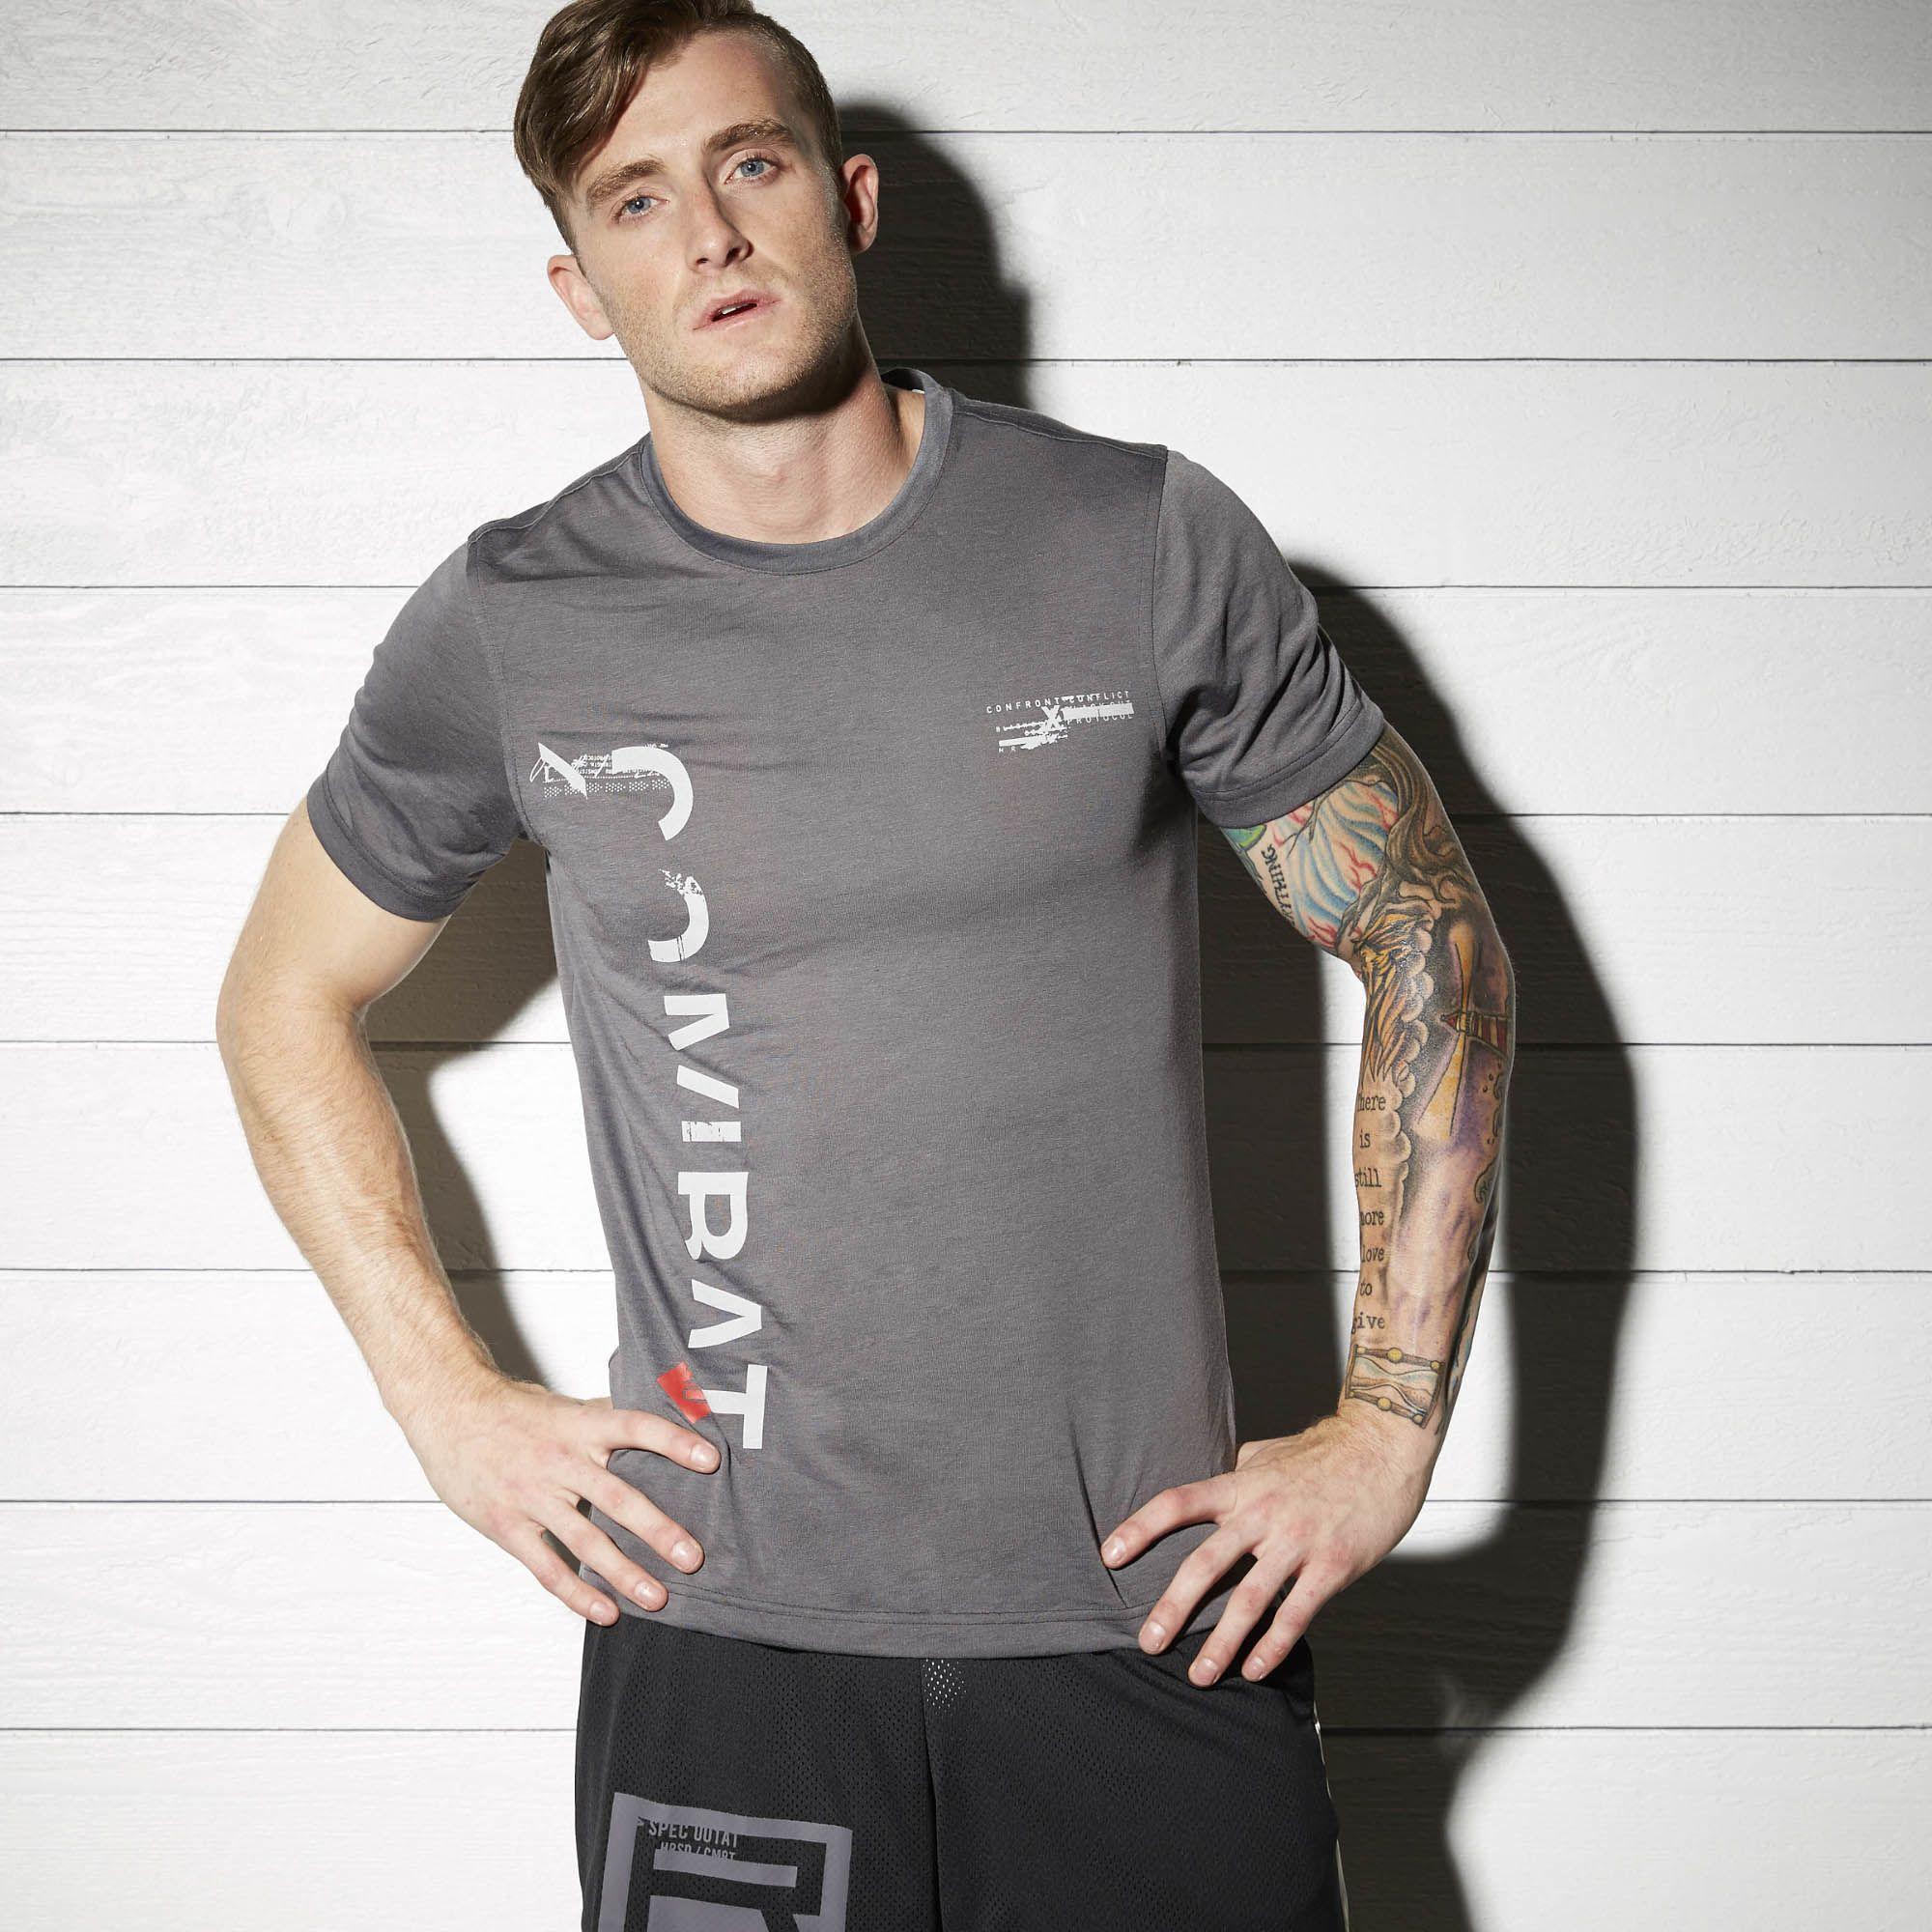 REEBOK Pánské tričko COMBAT - šedé - FIGHTER-SHOP.CZ - Vybavení pro bojové  sporty 6ea0331374